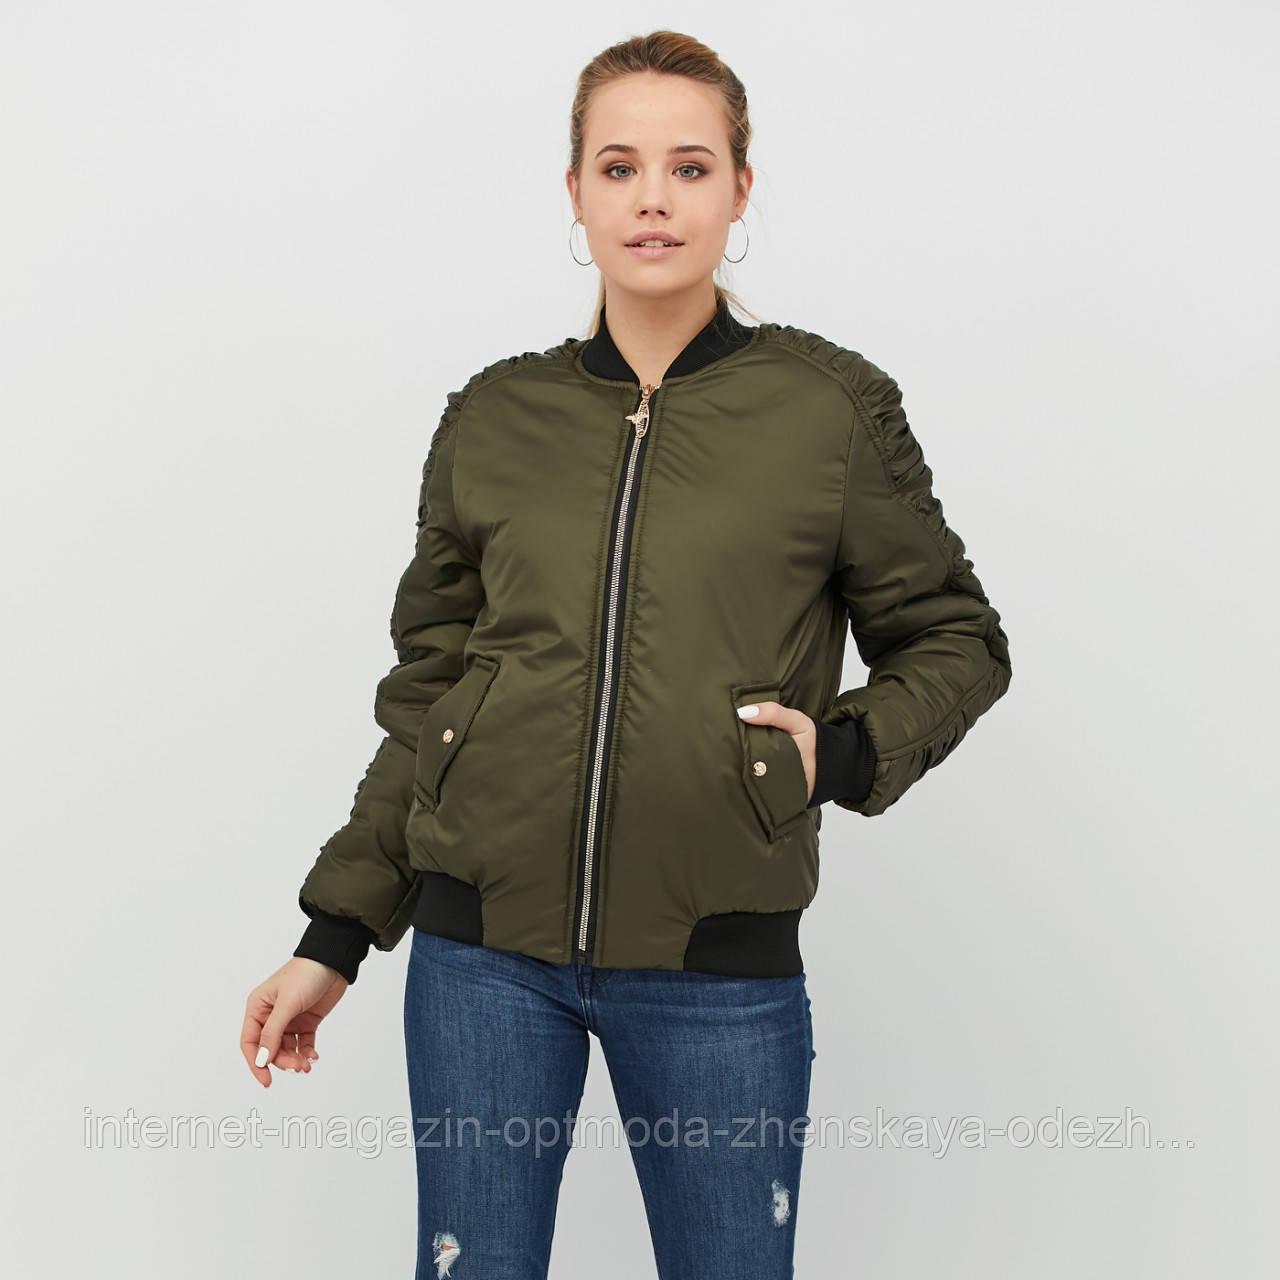 Женский бомбер куртка короткая